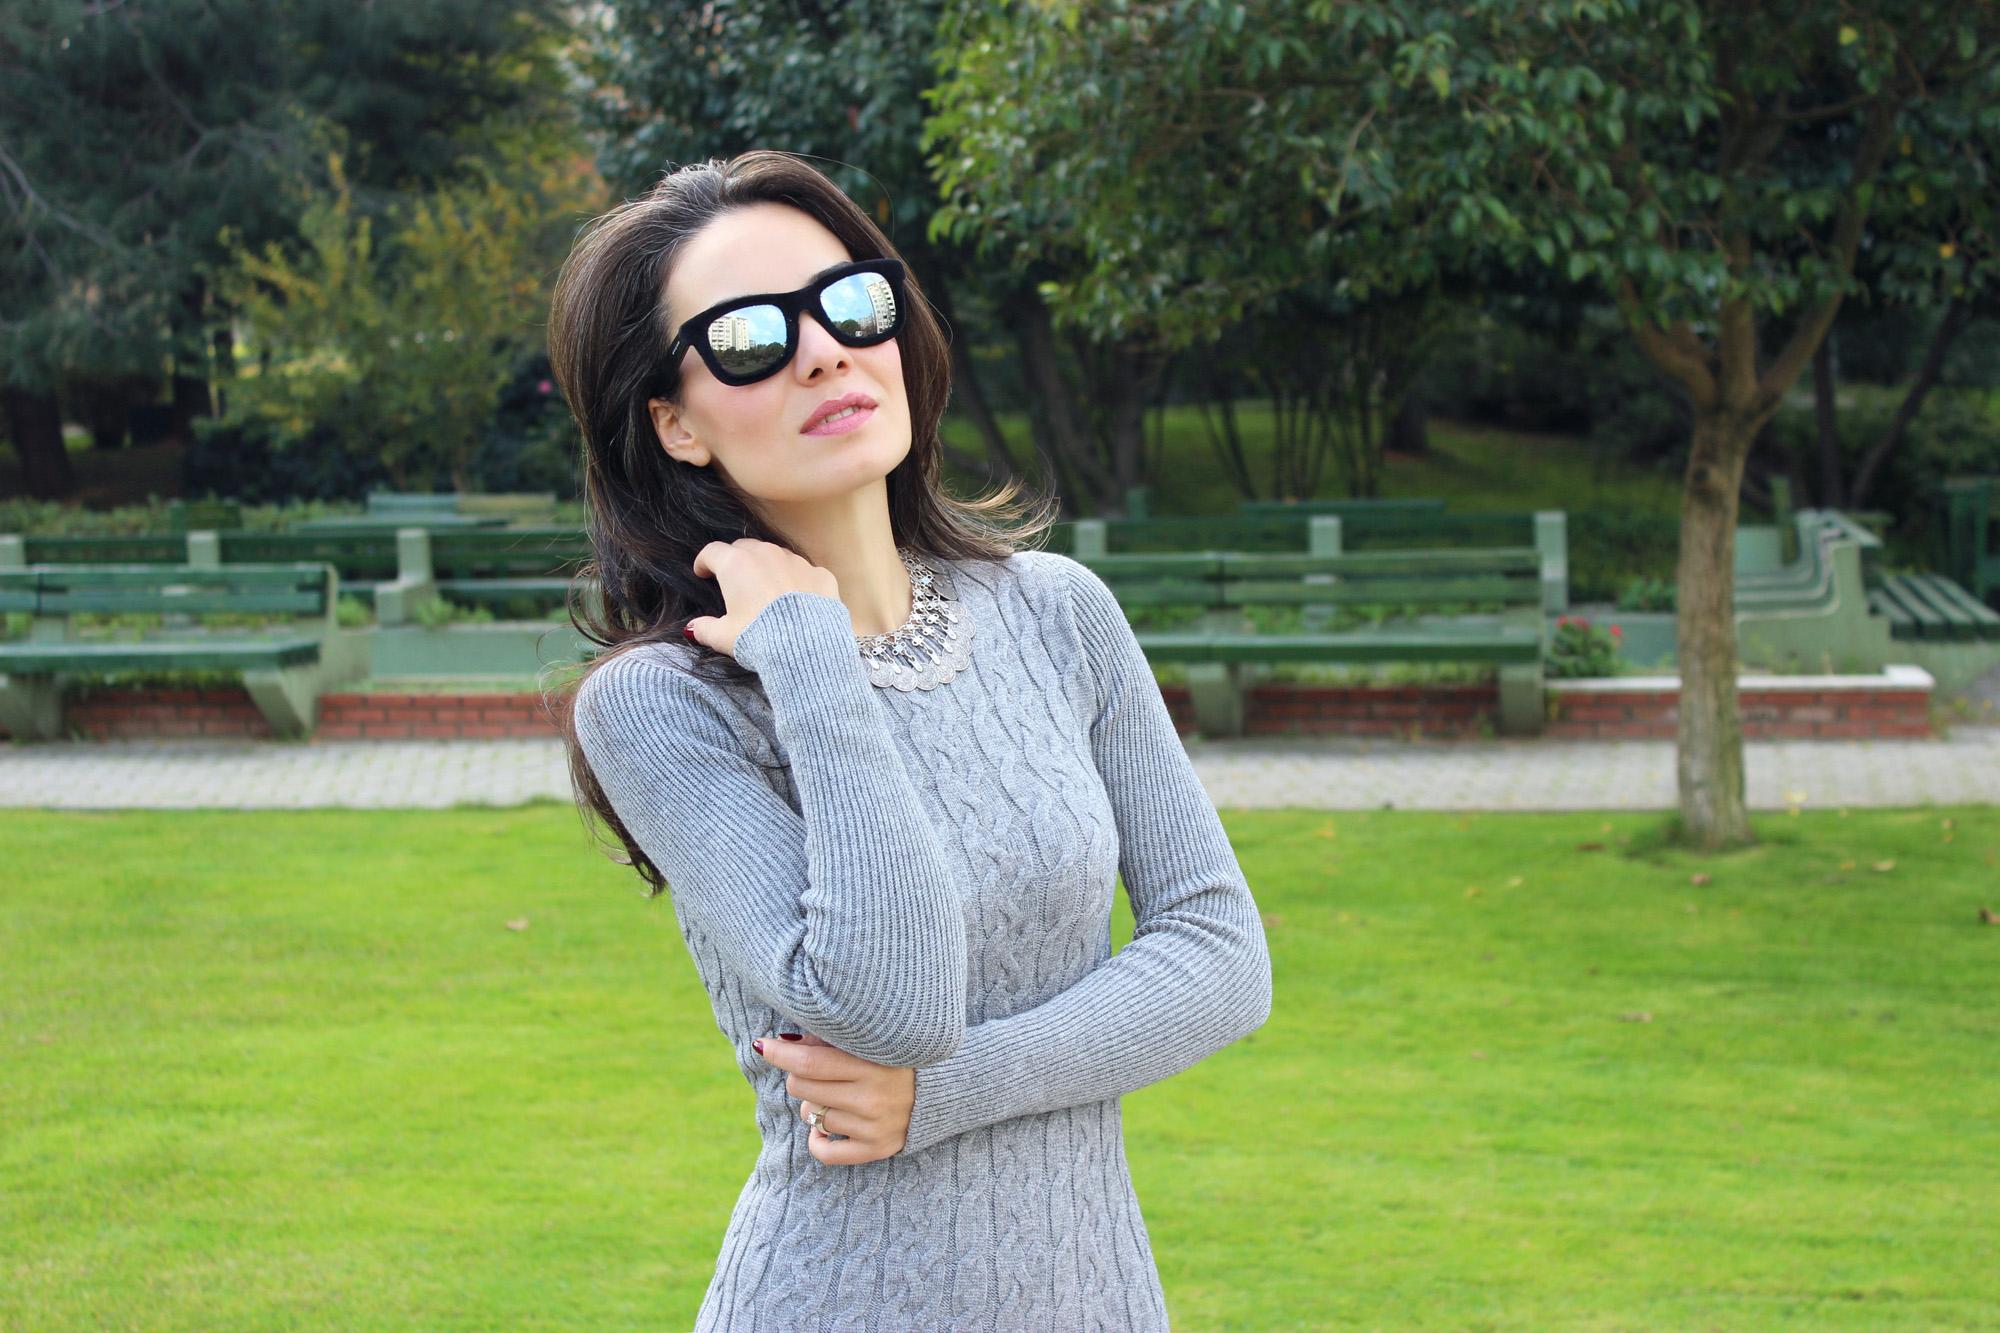 stefanel, stefanel turkiye, örgü elbise trendi, örgü ve triko modelleri, örgü elbise nasıl giyilir, uzun triko yelek, yün çanta